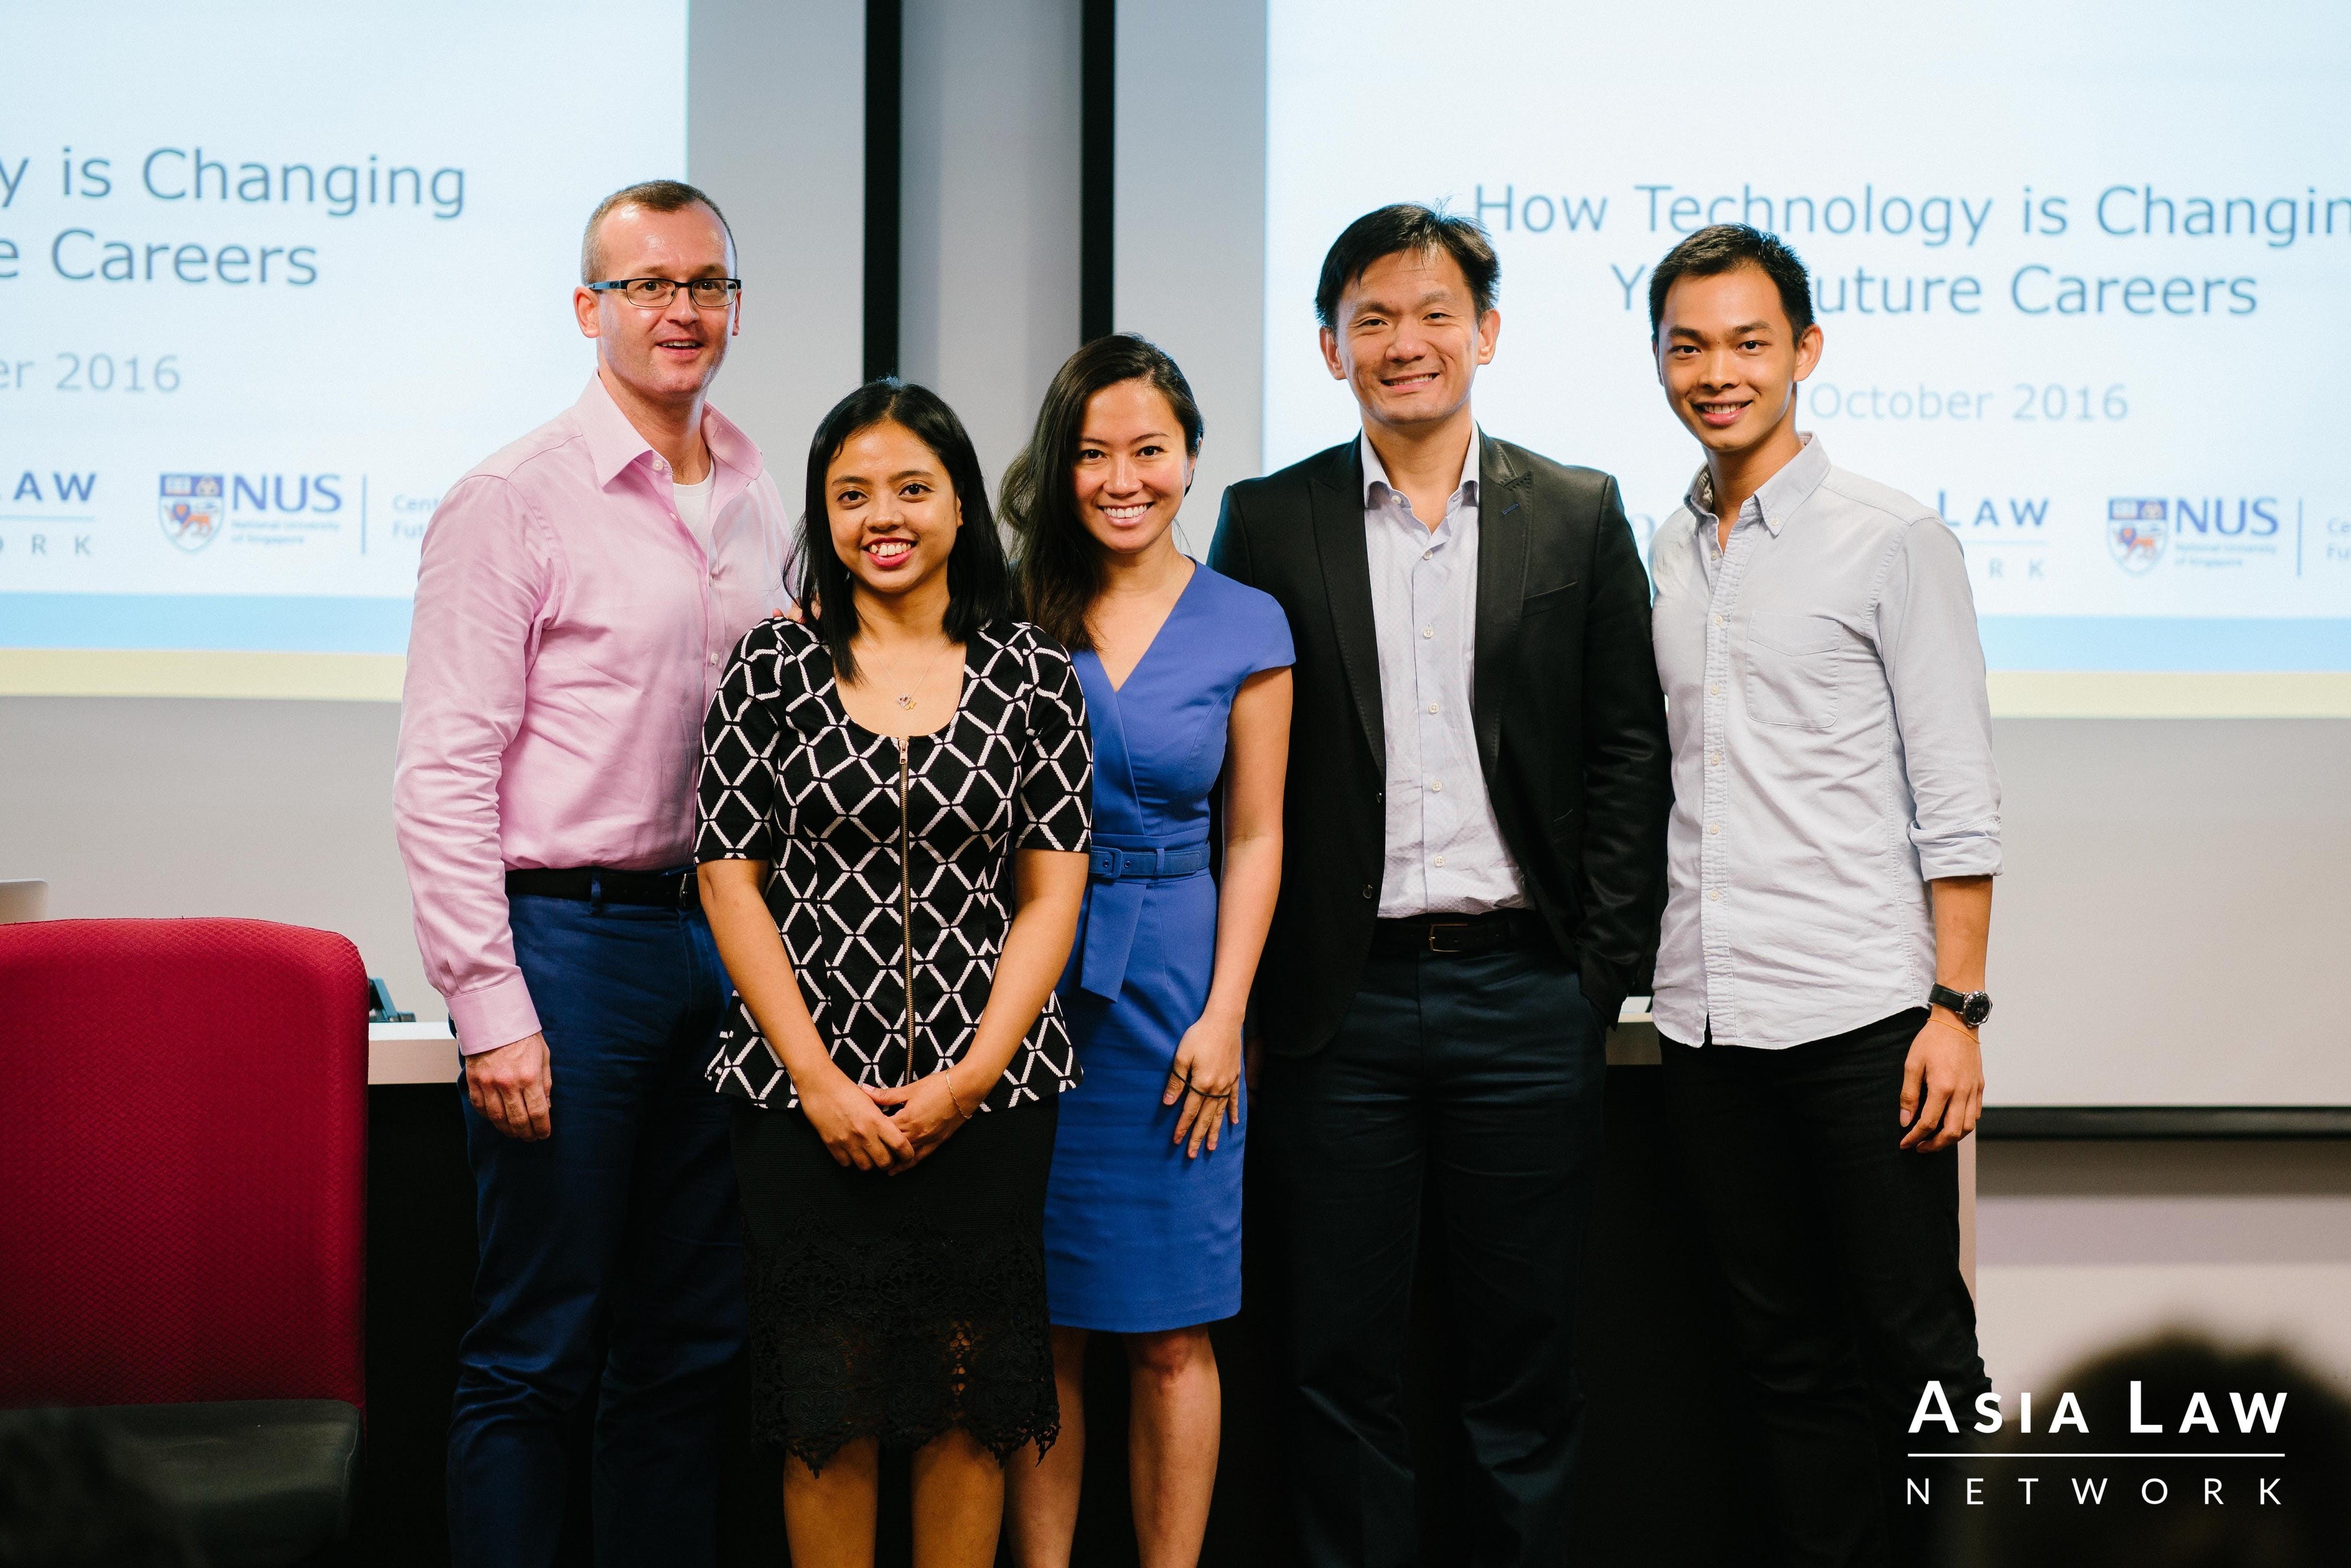 (from L to R) Patrick (panellist), Nuraziah (panellist), Cherilyn (moderator), Ee Yang (panellist), Ji En (alt+Law organiser)